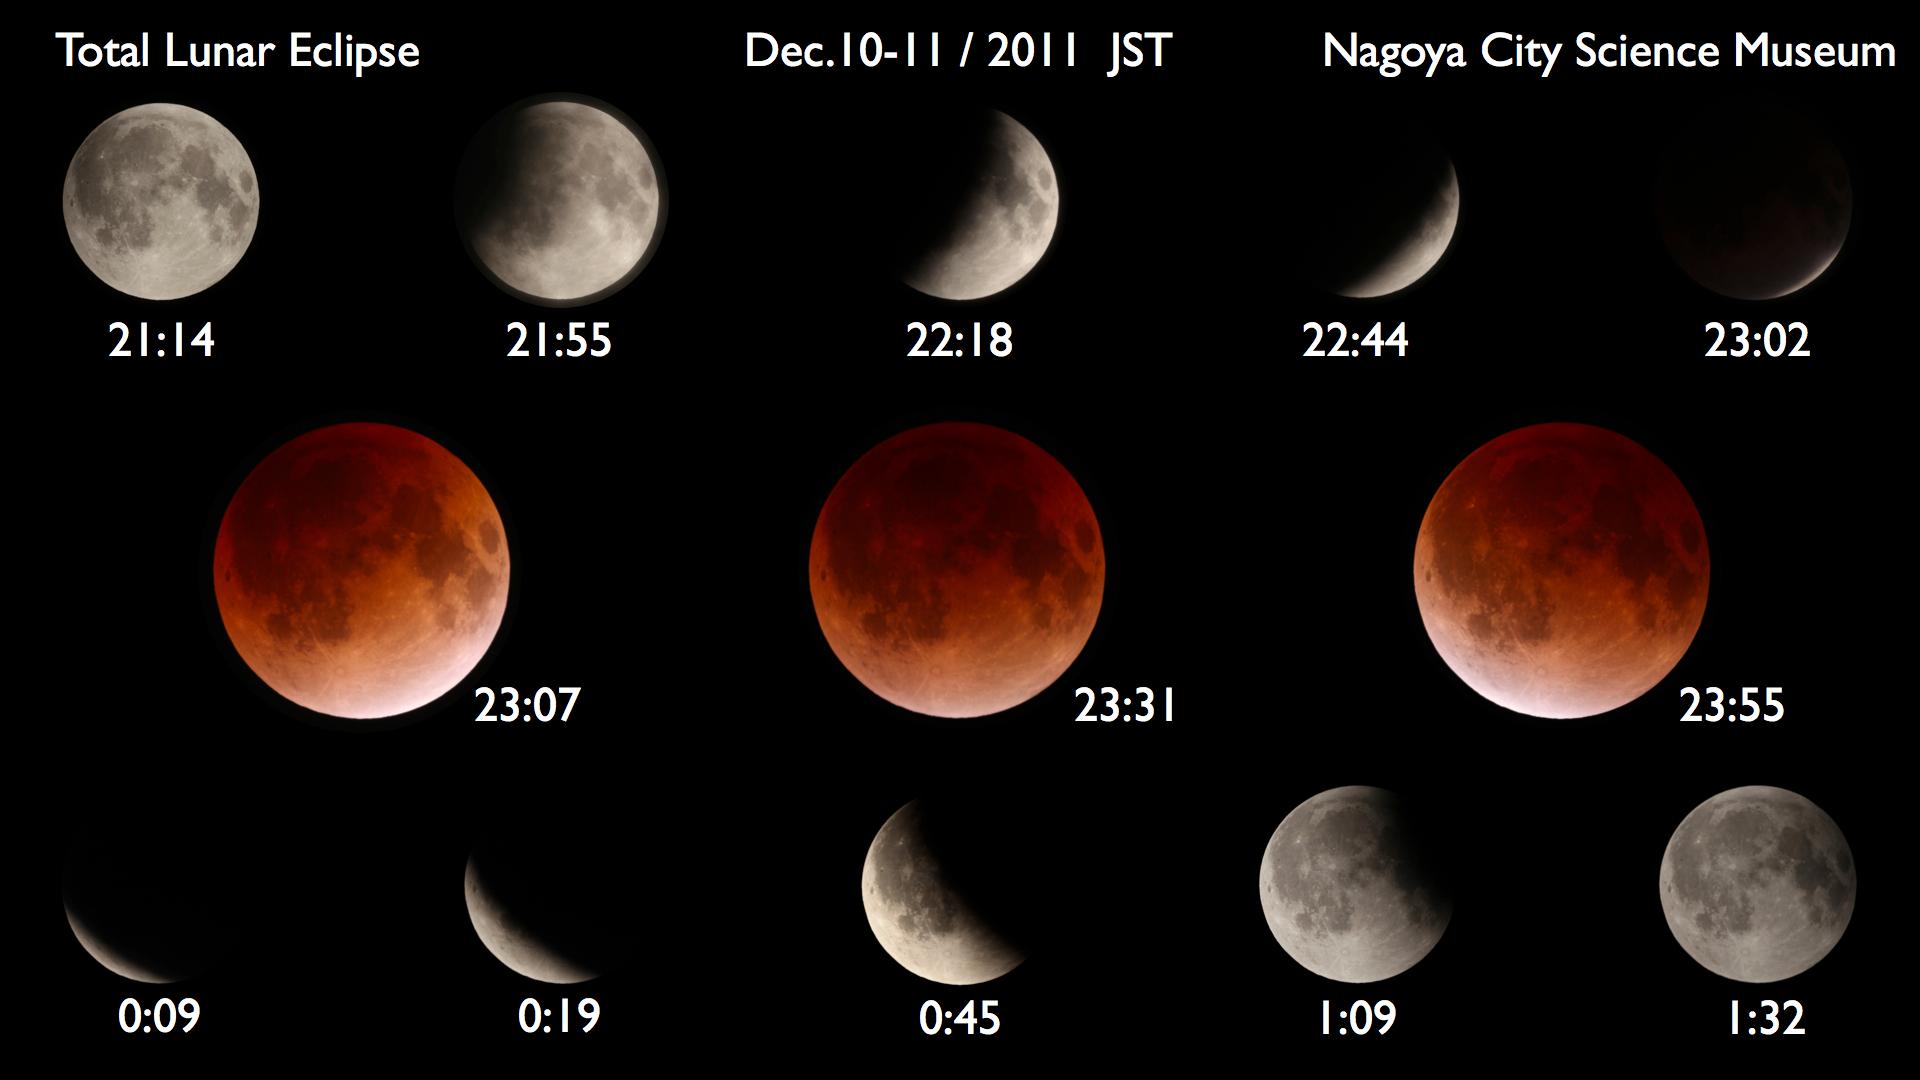 http://www.ncsm.city.nagoya.jp/study/astro/whole_nagoya.jpg